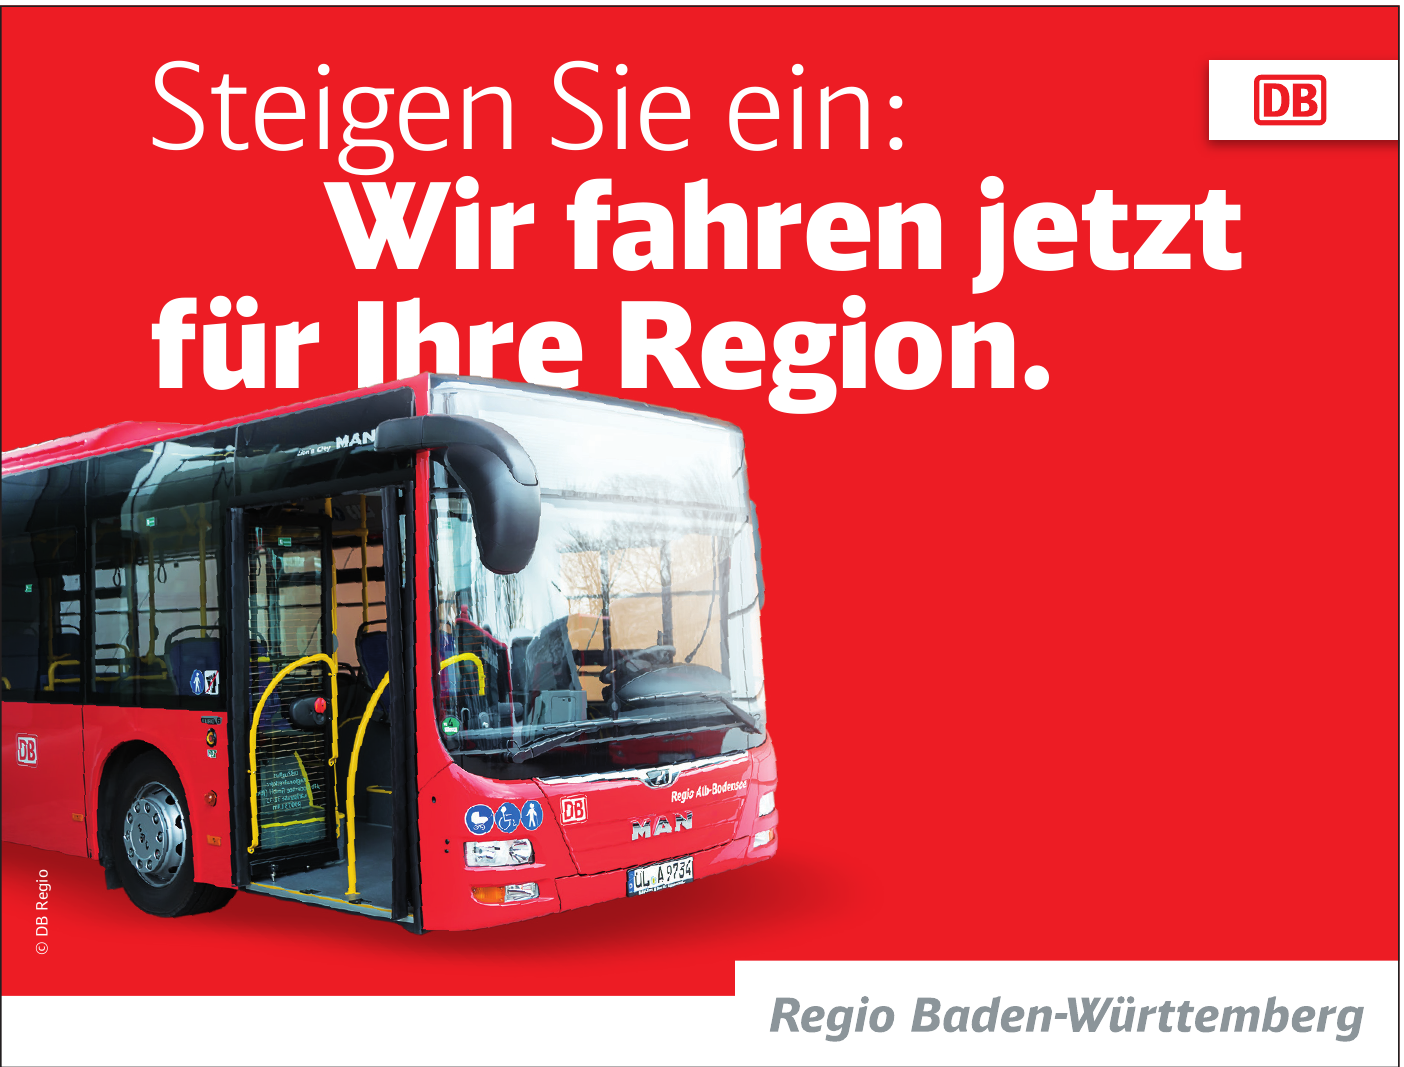 Regio Baden-Württemberg